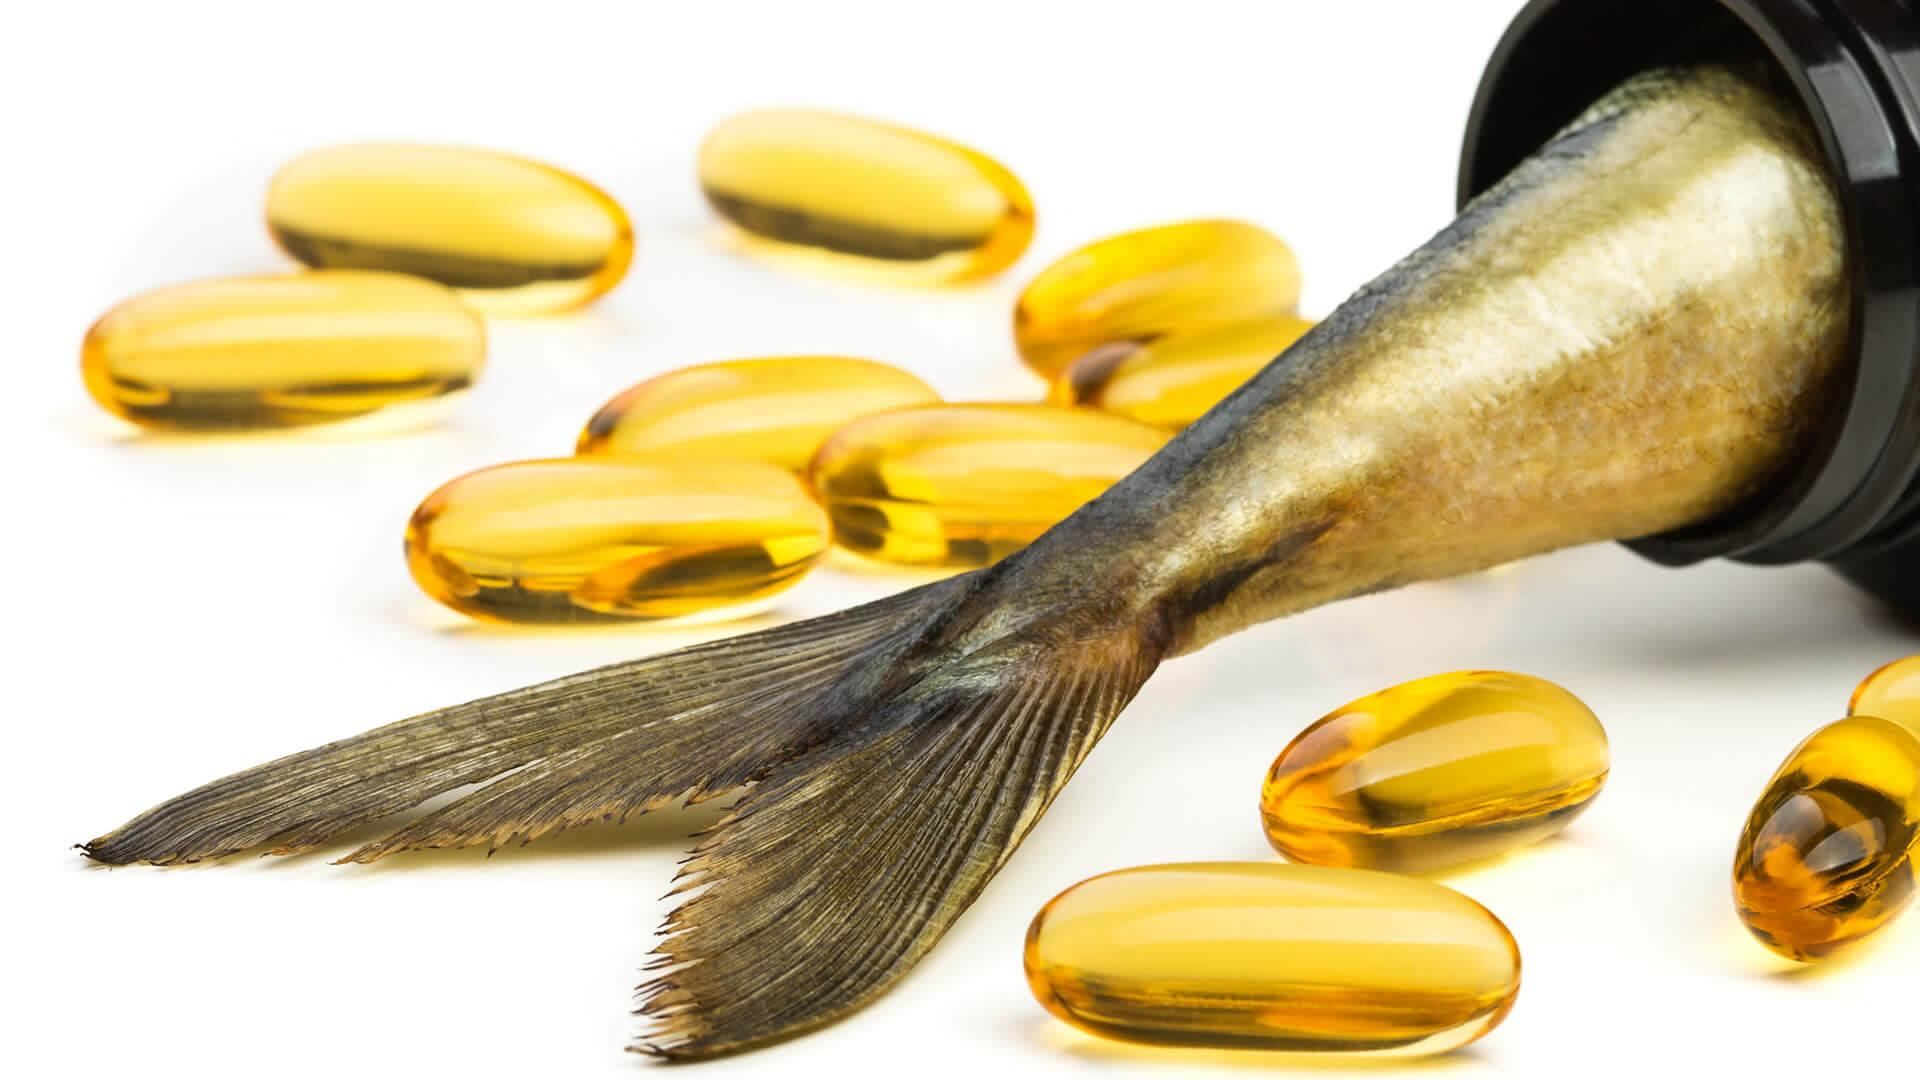 Безопасная доза всех видов Омега-3 составляет до 7000 мг.